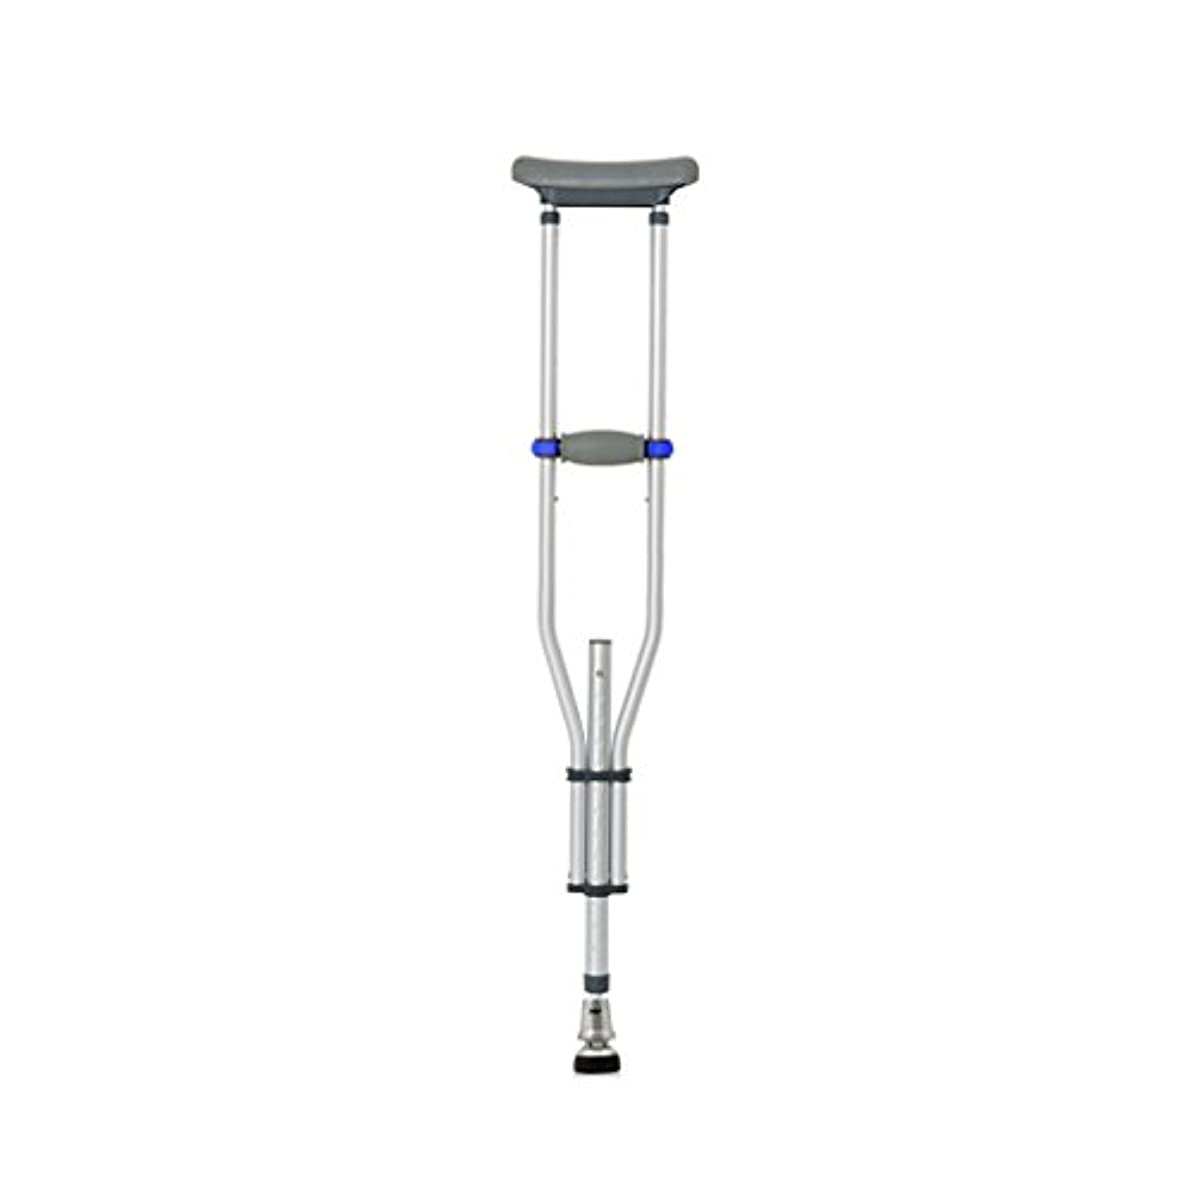 シソーラス慣れているマナーLYGT- 松葉杖/ウォーキングスティックトリプルアルミ合金の脇の下の松葉杖伸縮性のある厚い耐久性のある滑り止めのシングル